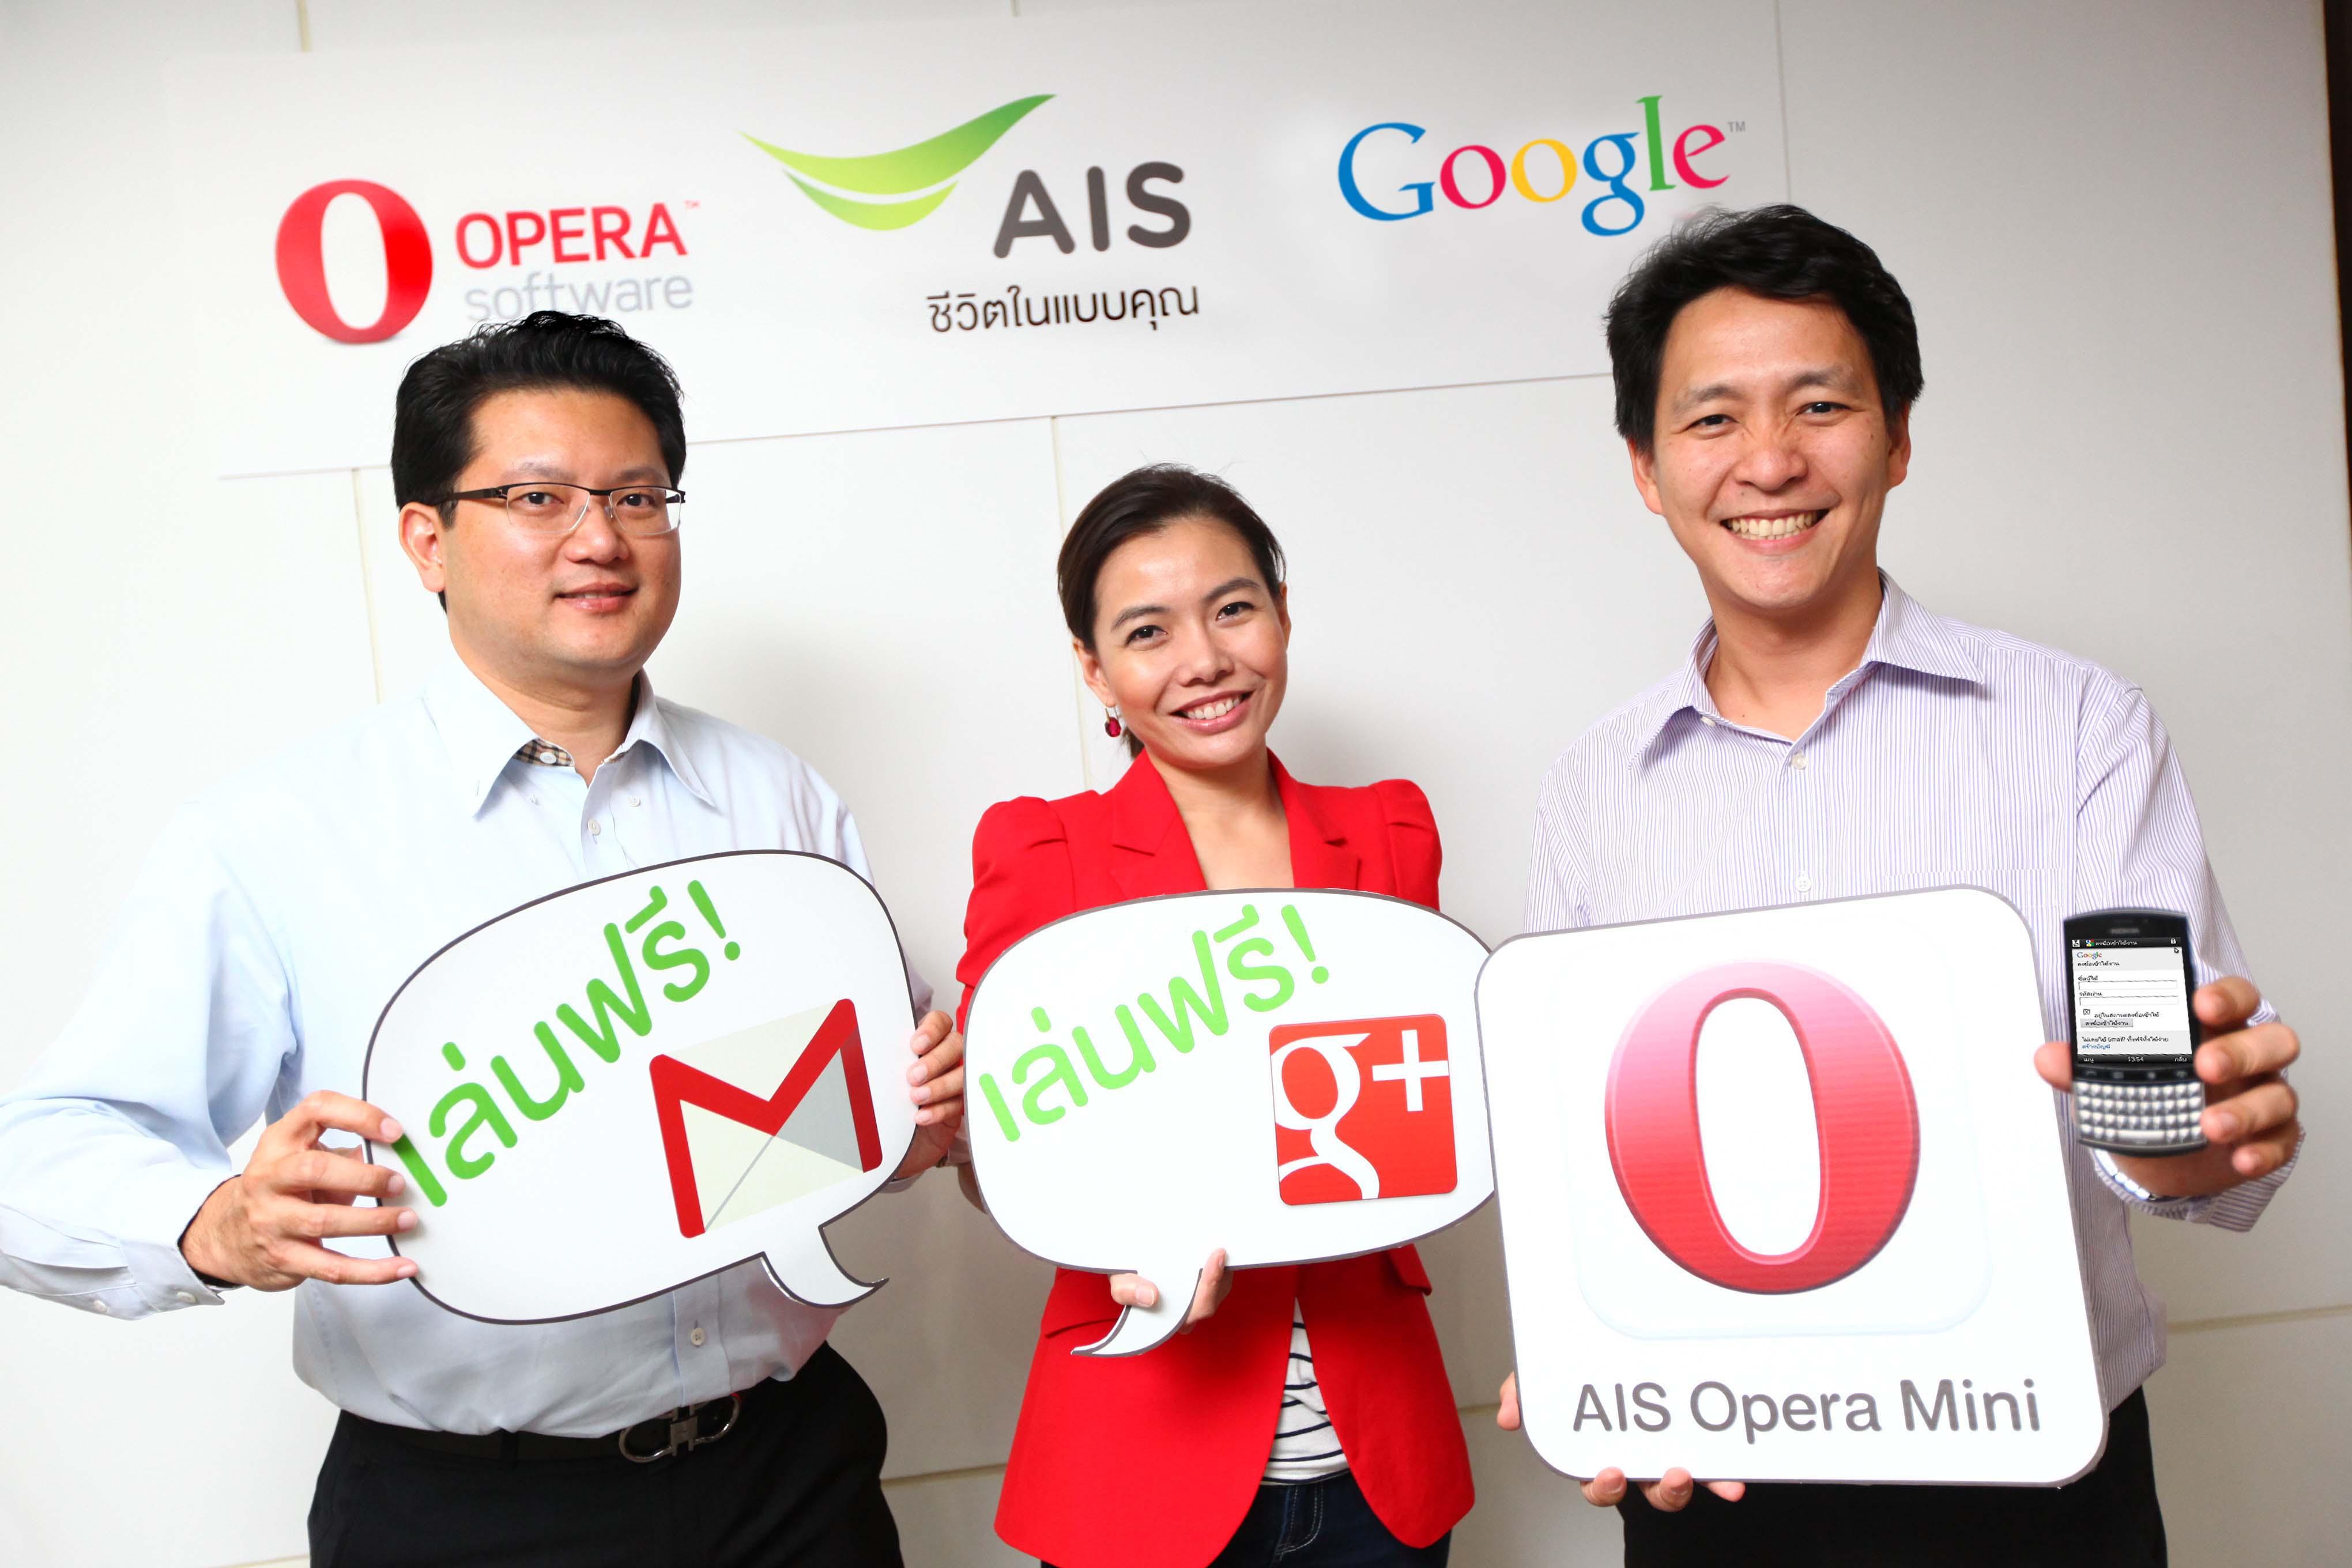 """""""AIS"""" ผนึกกำลัง """"Google ประเทศไทย"""" มอบประสบการณ์สุดล้ำ"""